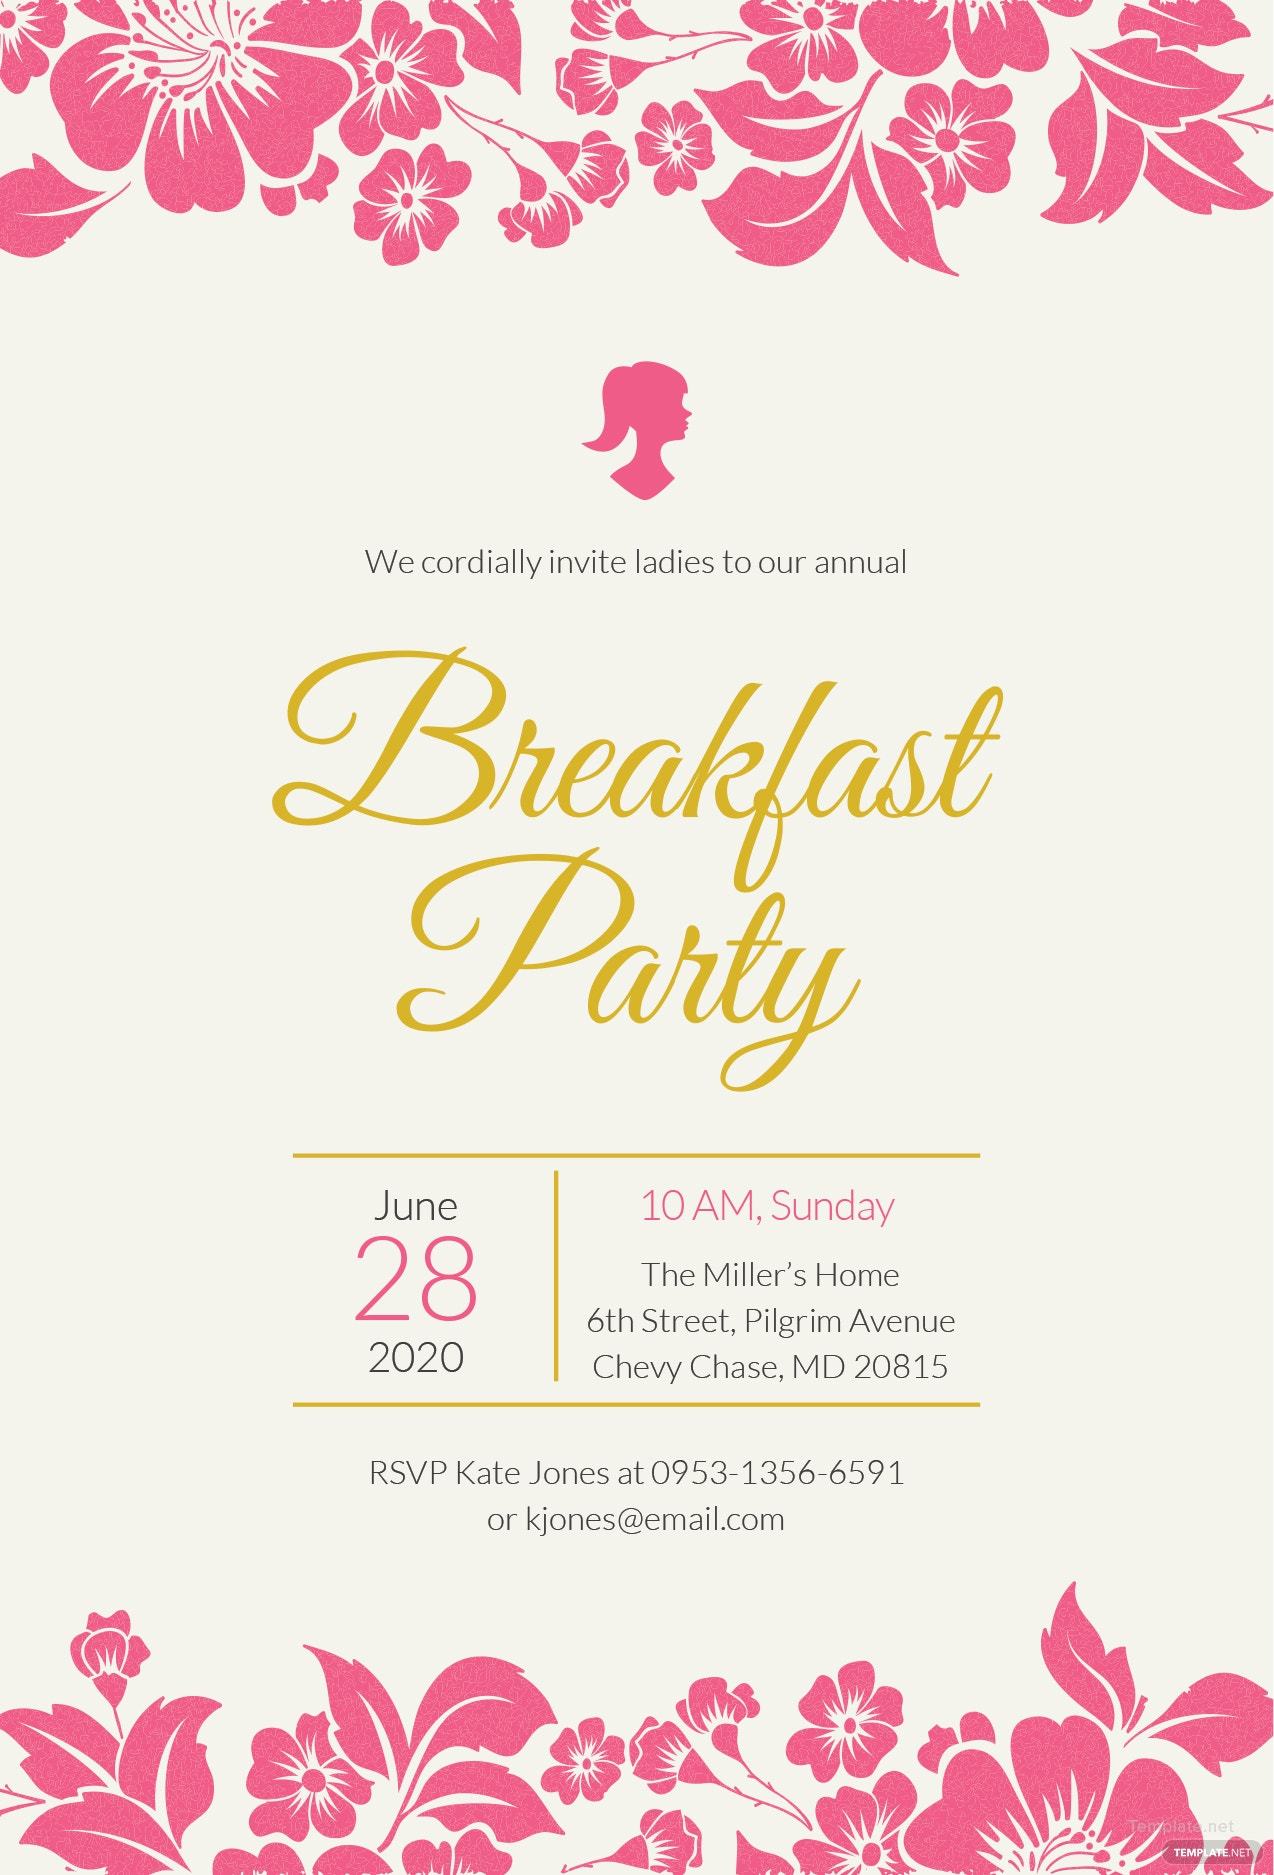 Free Ladies Breakfast Invitation Template in Illustrator ...